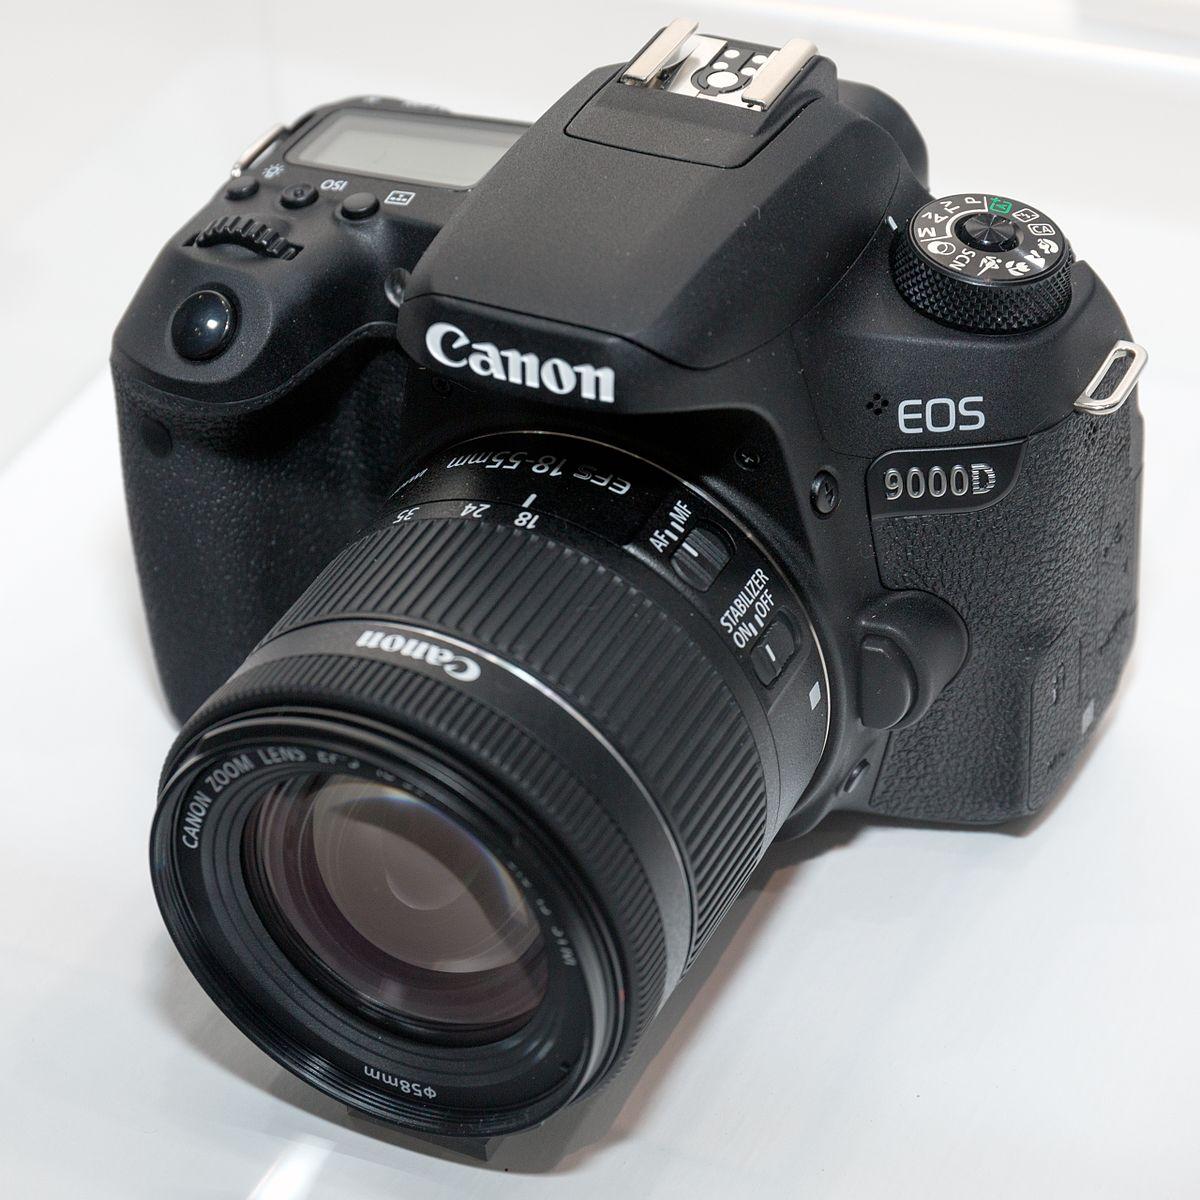 Canon EOS 77D - Wikipedia